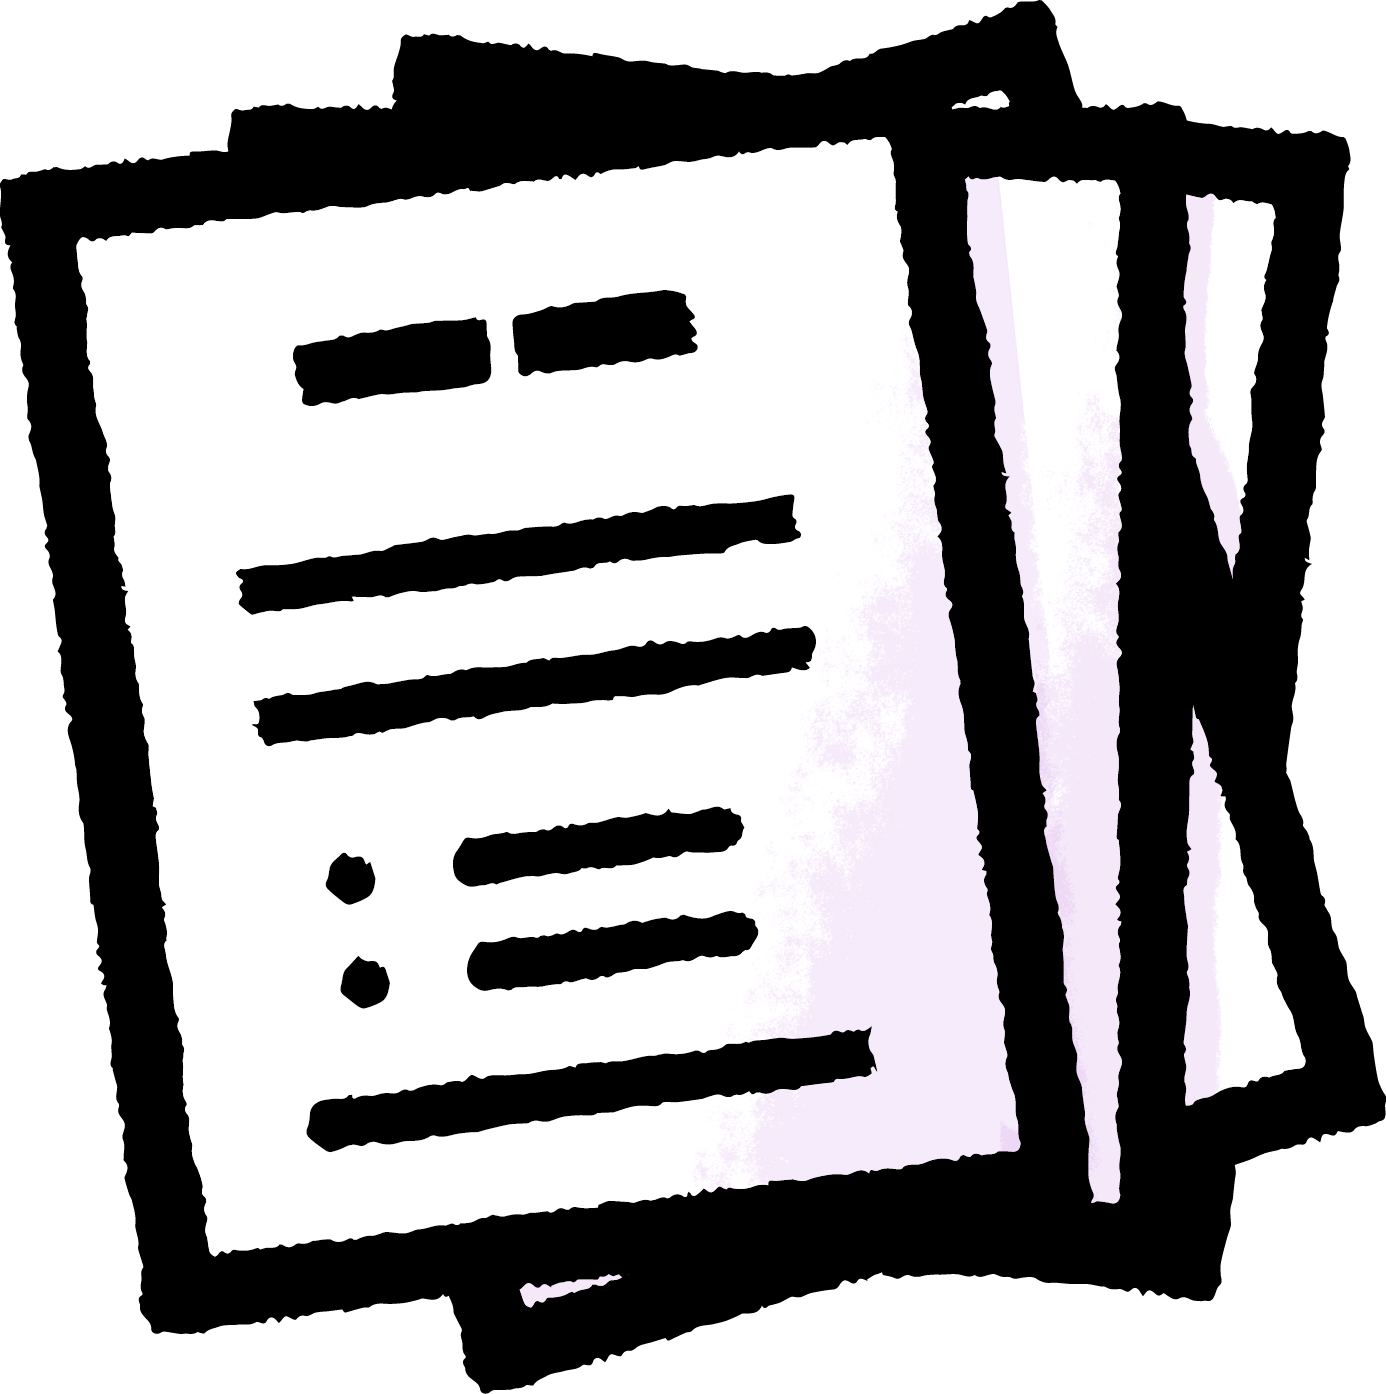 書類イラスト | かわいい無料イラスト素材